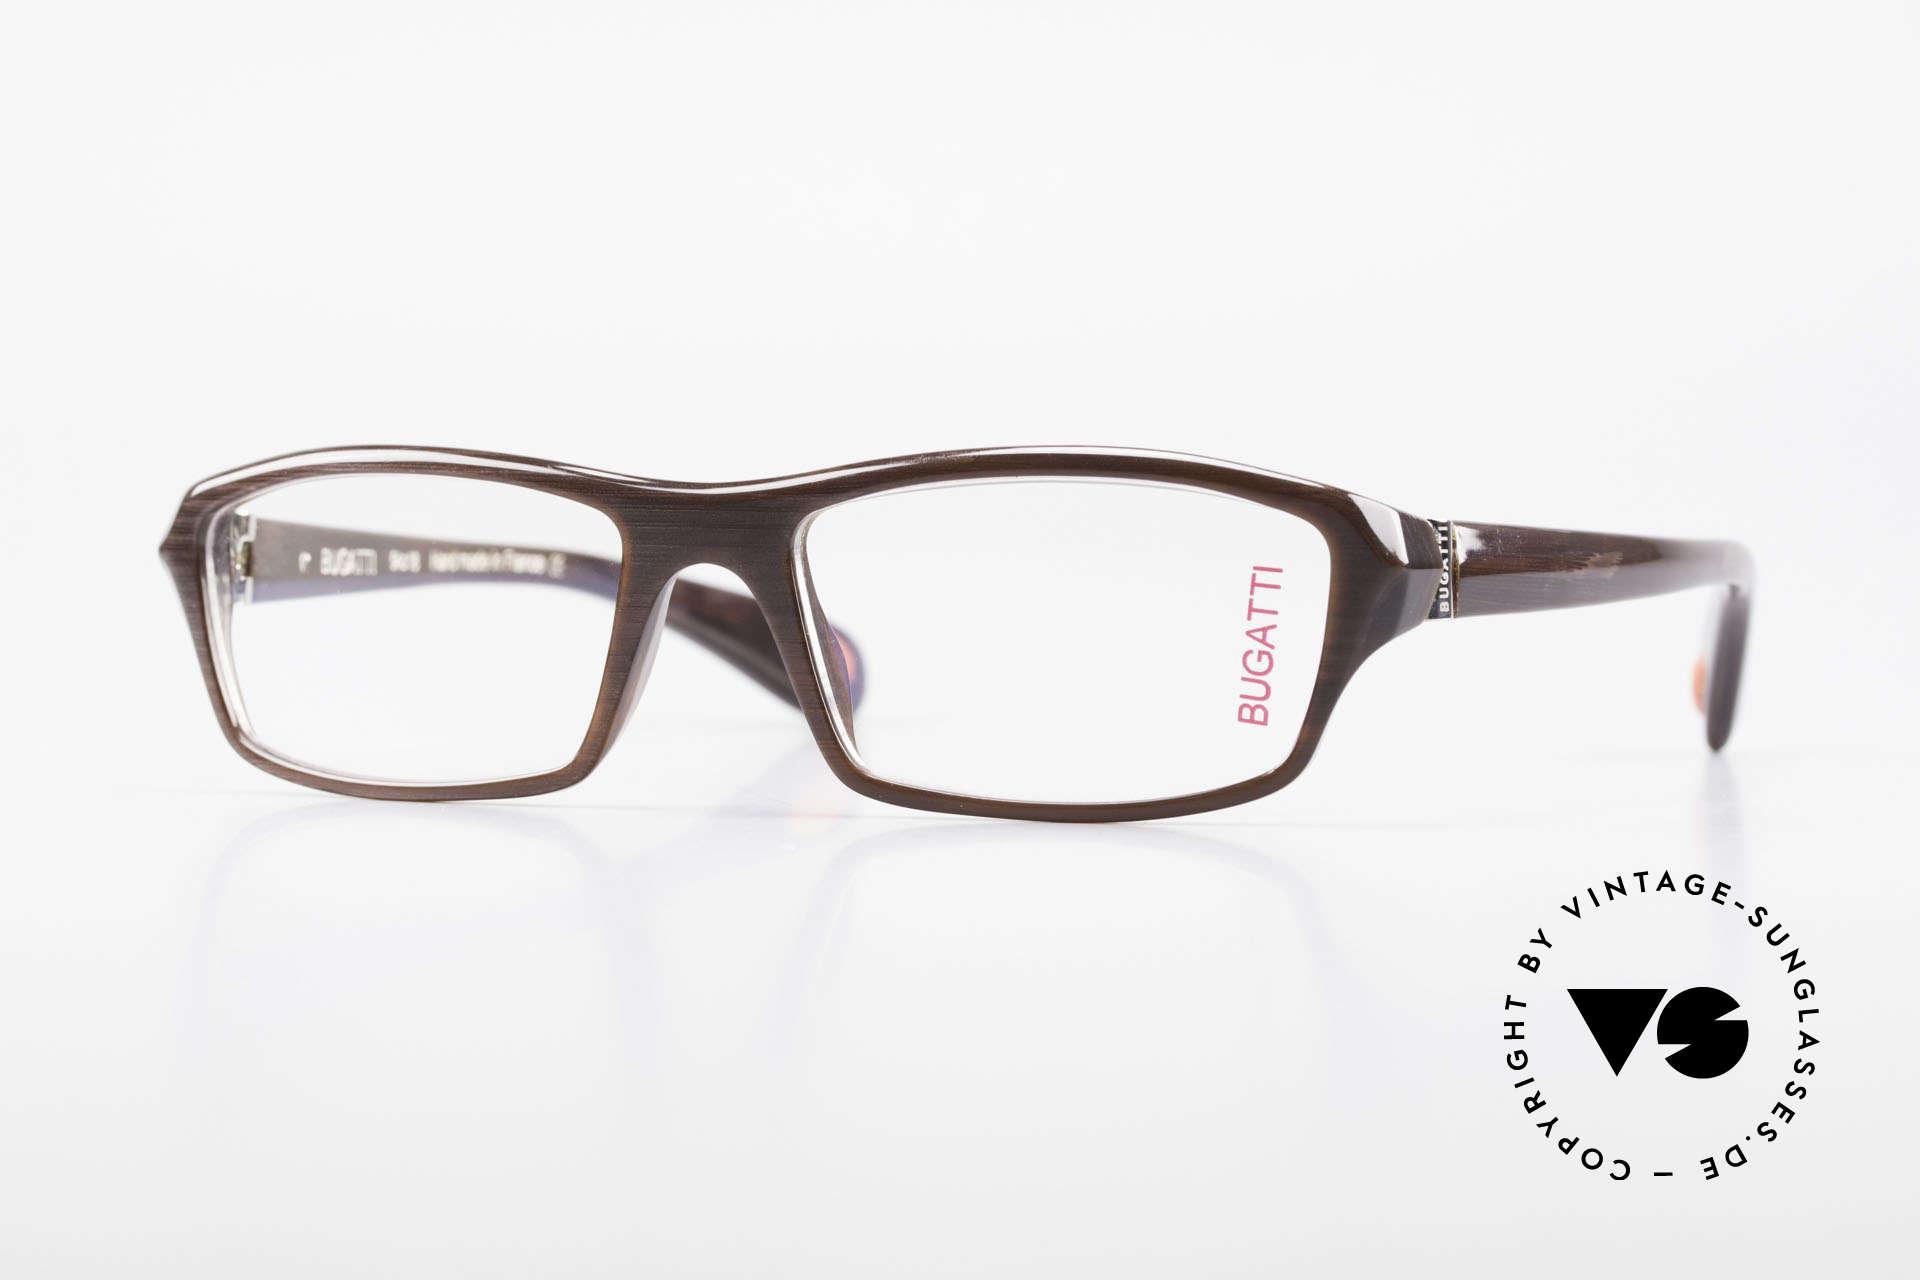 Bugatti 471 Elegante Designerbrille Herren, klassische high-tech Brillenfassung von Bugatti, Passend für Herren